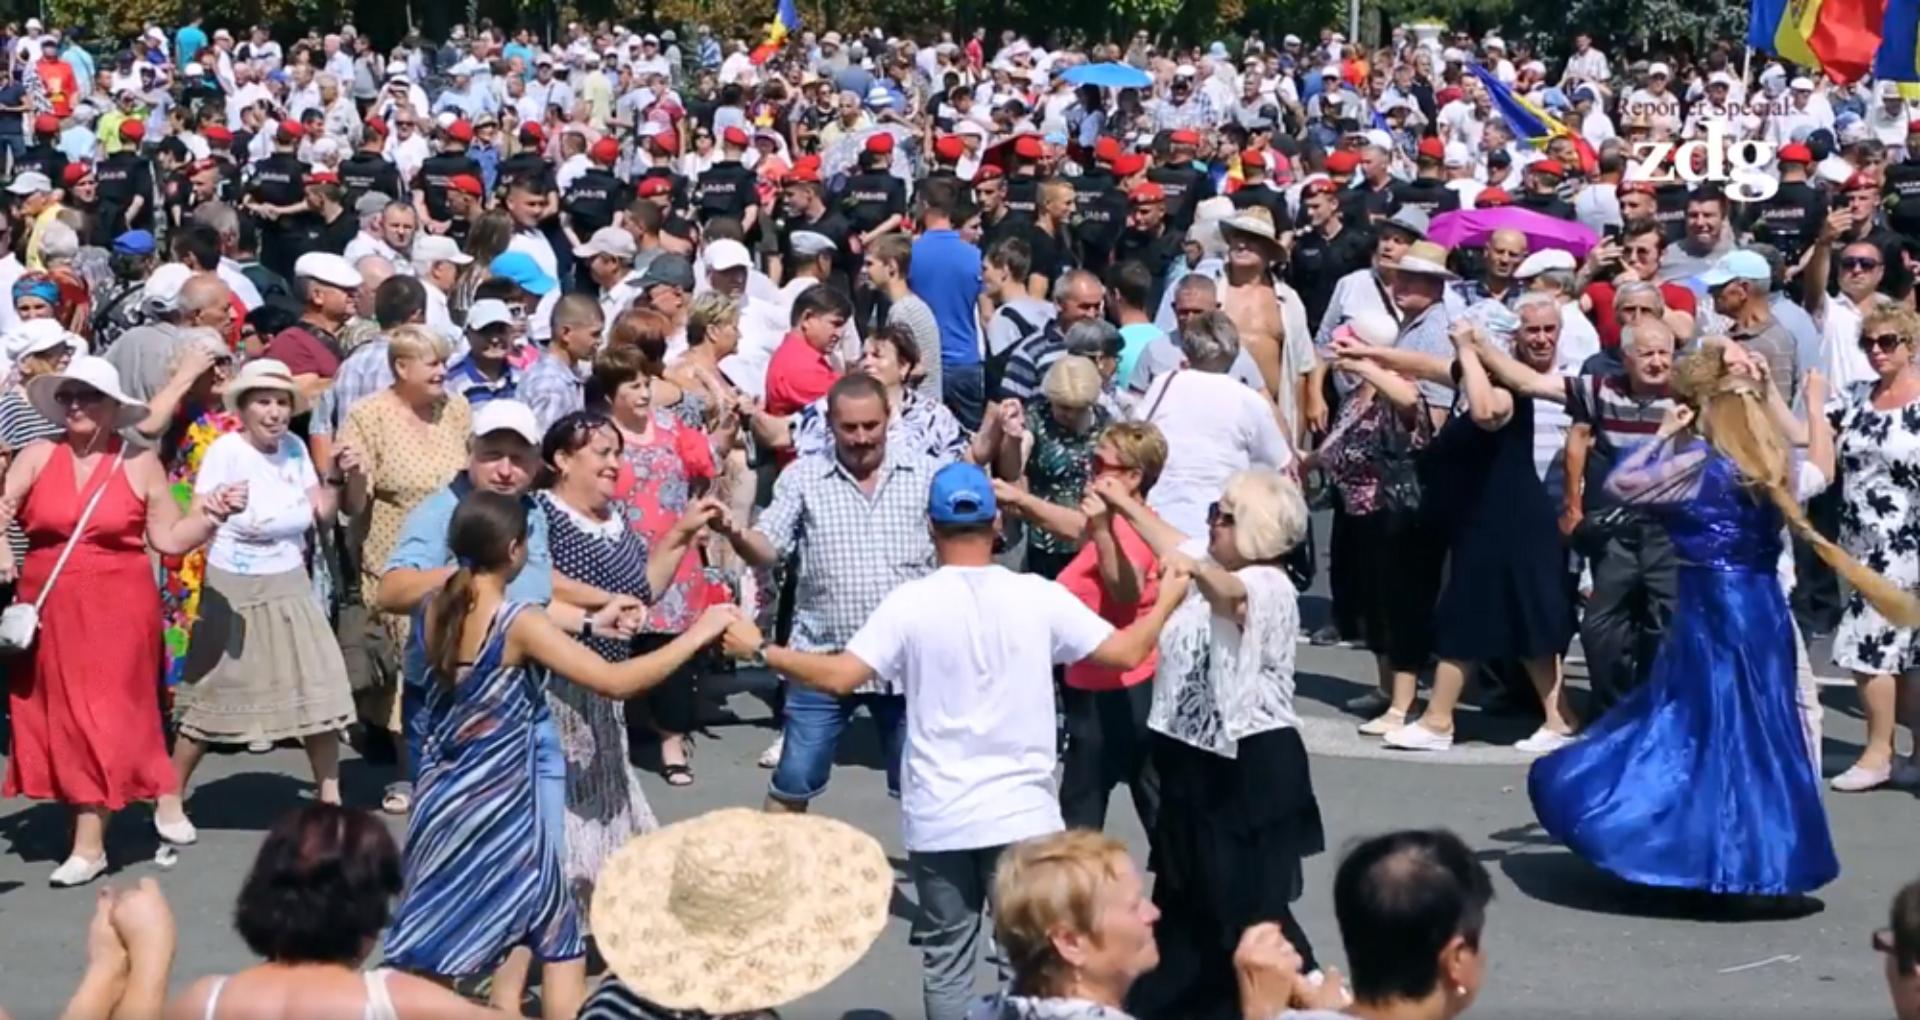 """VIDEO/ Rezumatul zilei de 26 august: """"Tușoncă"""", hrișcă, dansuri și proteste în """"Piața Marilor Dezamăgiri Naționale"""""""